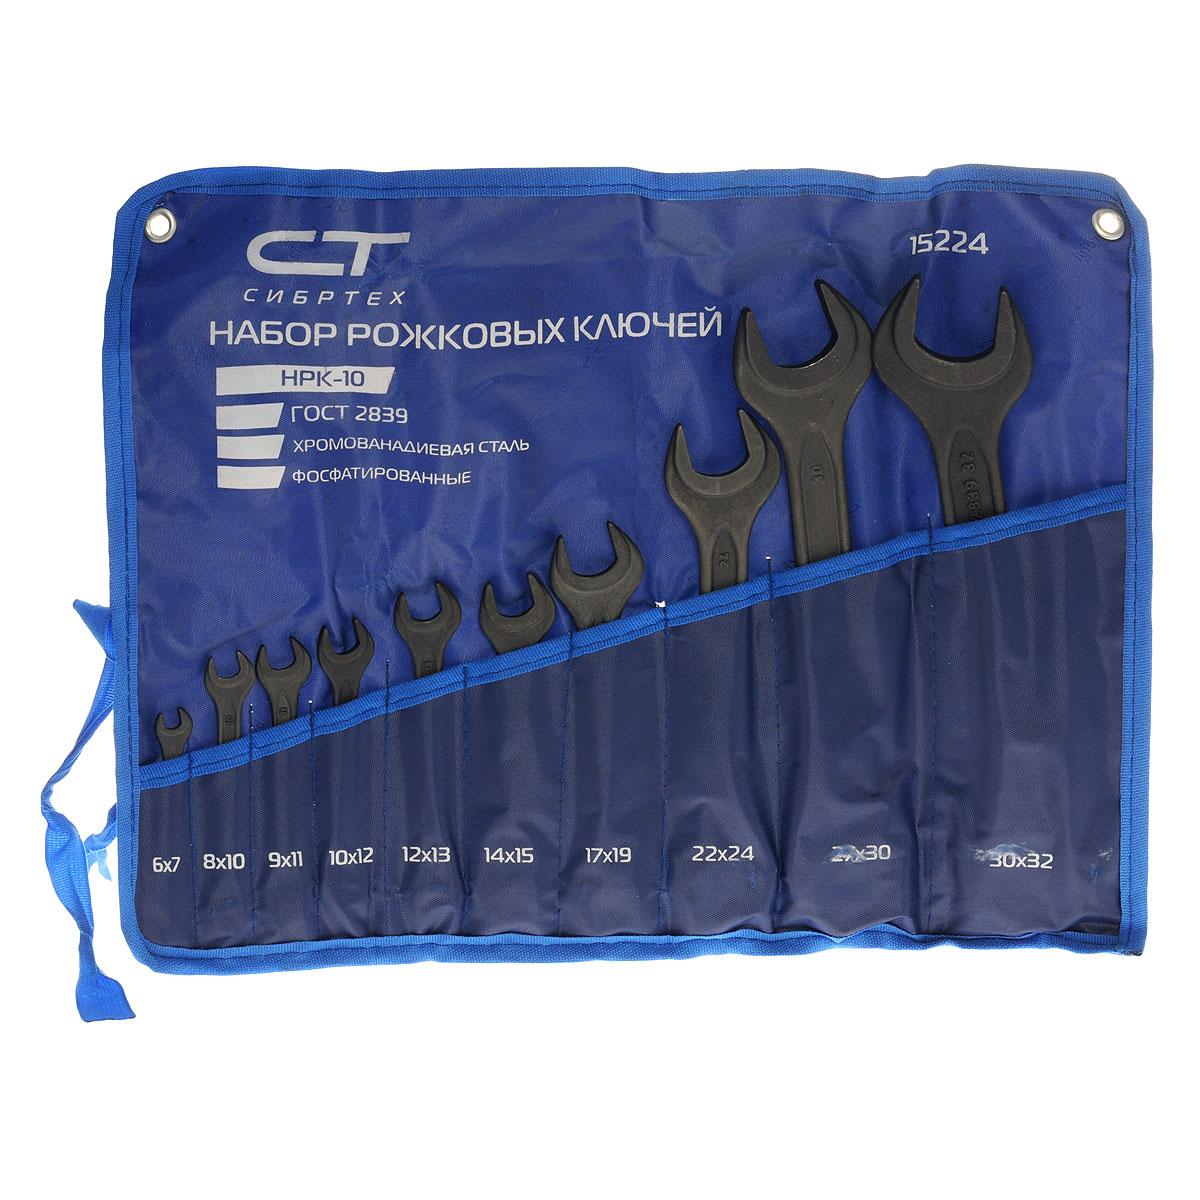 Набор ключей рожковых Сибртех, фосфатированные, 10 шт15224Набор рожковых ключей Сибртех станет отличным помощником монтажнику или владельцу авто. Этот набор обеспечит надежную фиксацию на гранях крепежа.Они изготовлены из хромванадиевой стали с фосфатированием.В состав набора входят ключи: 6 х 7 мм, 8 х 10 мм, 9 х 11 мм, 10 х 12 мм, 12 х 13 мм, 14 х 15 мм, 17 х 19 мм, 22 х 24 мм, 27 х 30 мм, 30 х 32 мм.